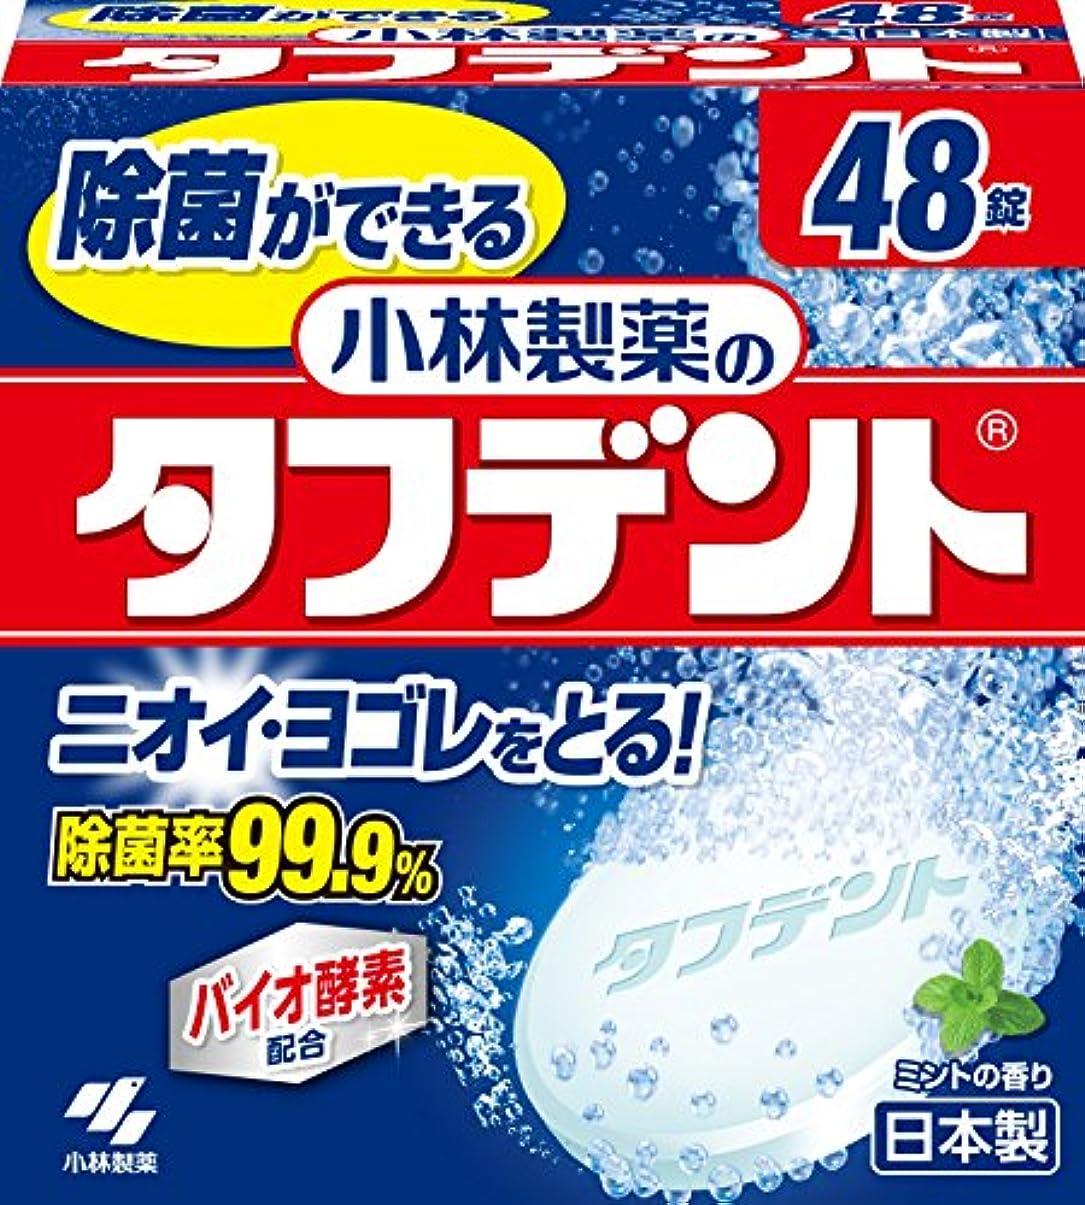 療法害虫サバント小林製薬のタフデント 入れ歯用洗浄剤 ミントの香り 48錠